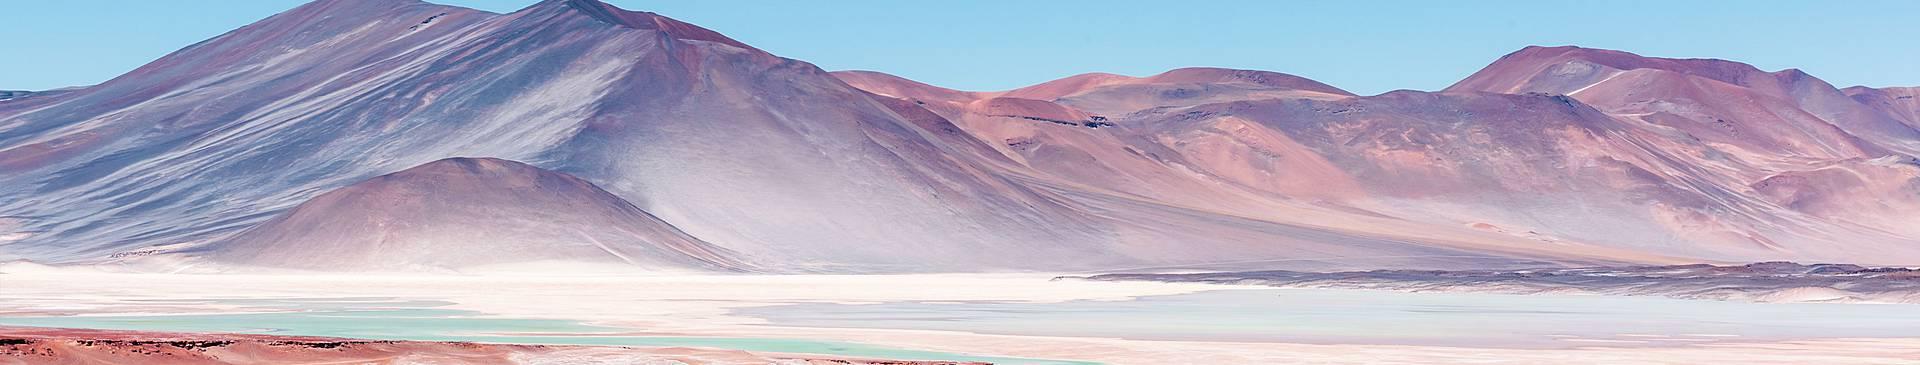 Viaggi nel deserto in Cile